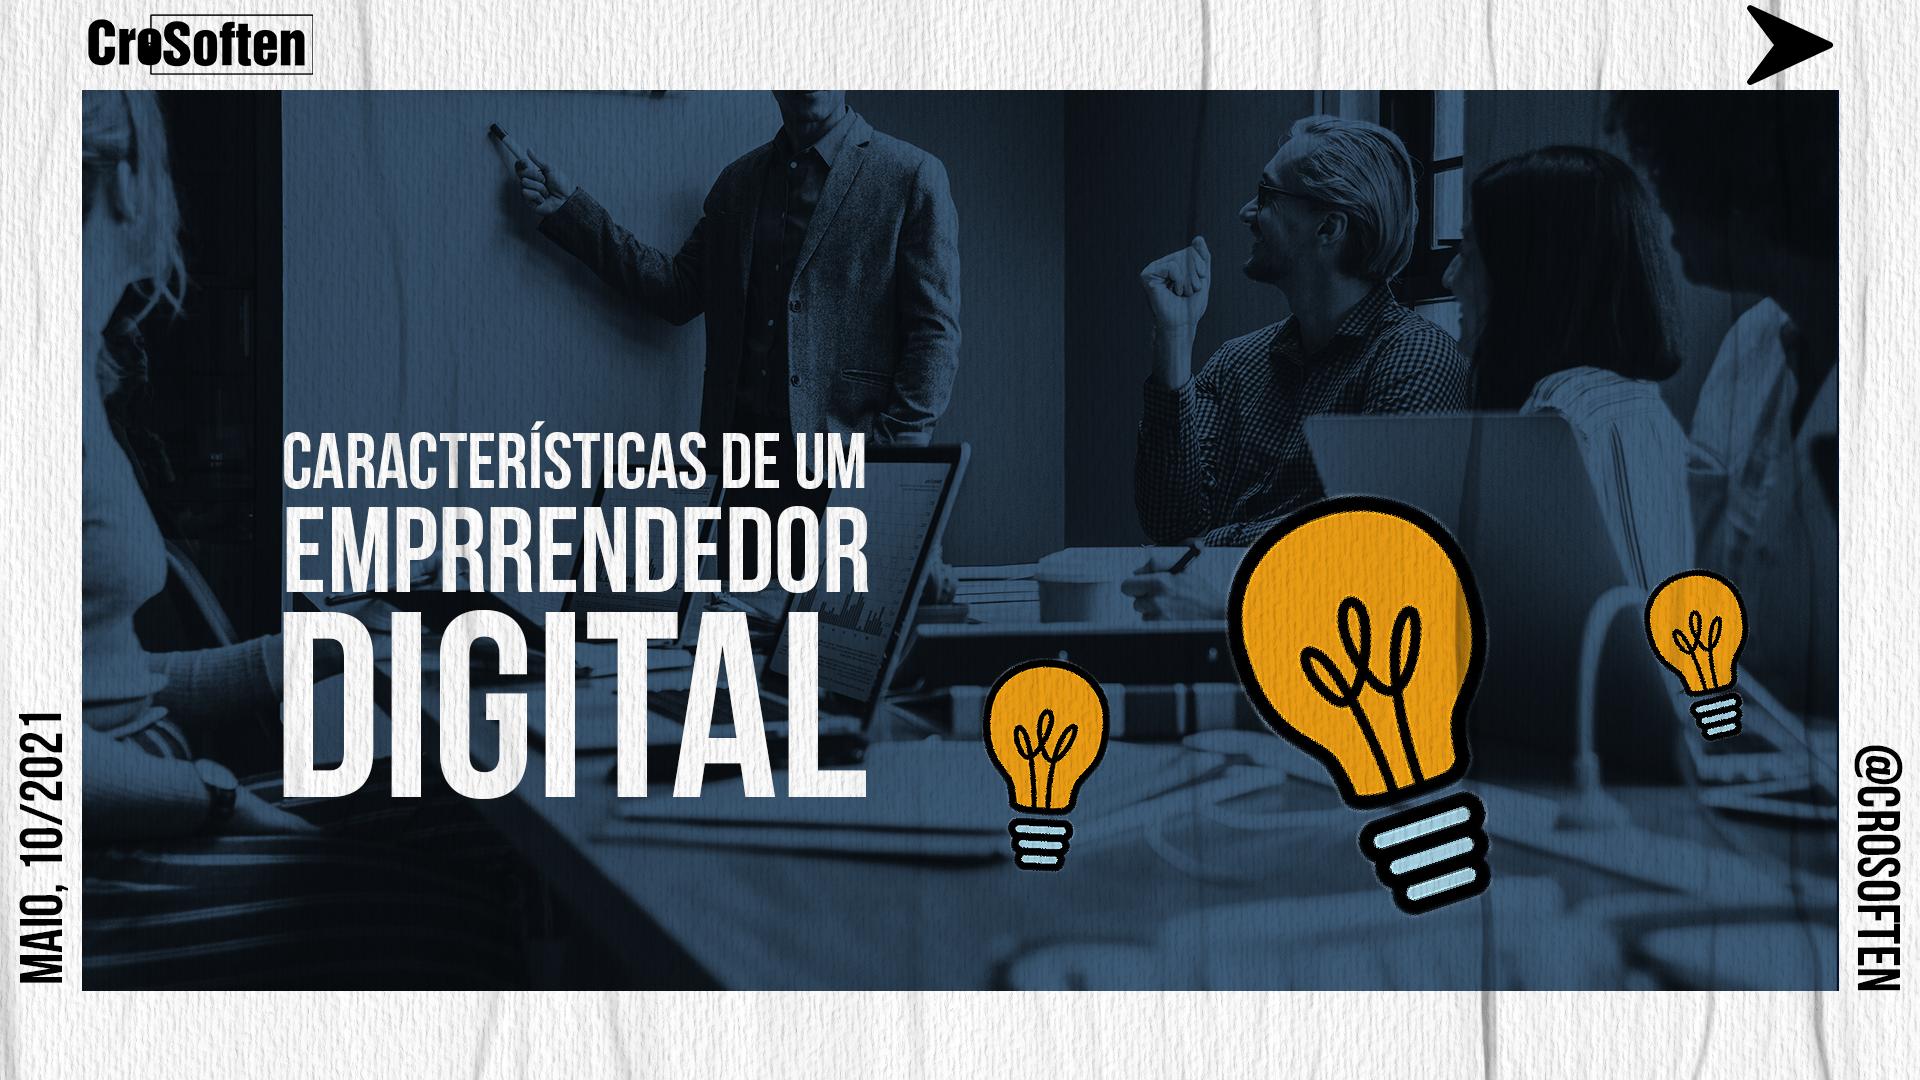 Inovação e Negócios Digitais para Empreender